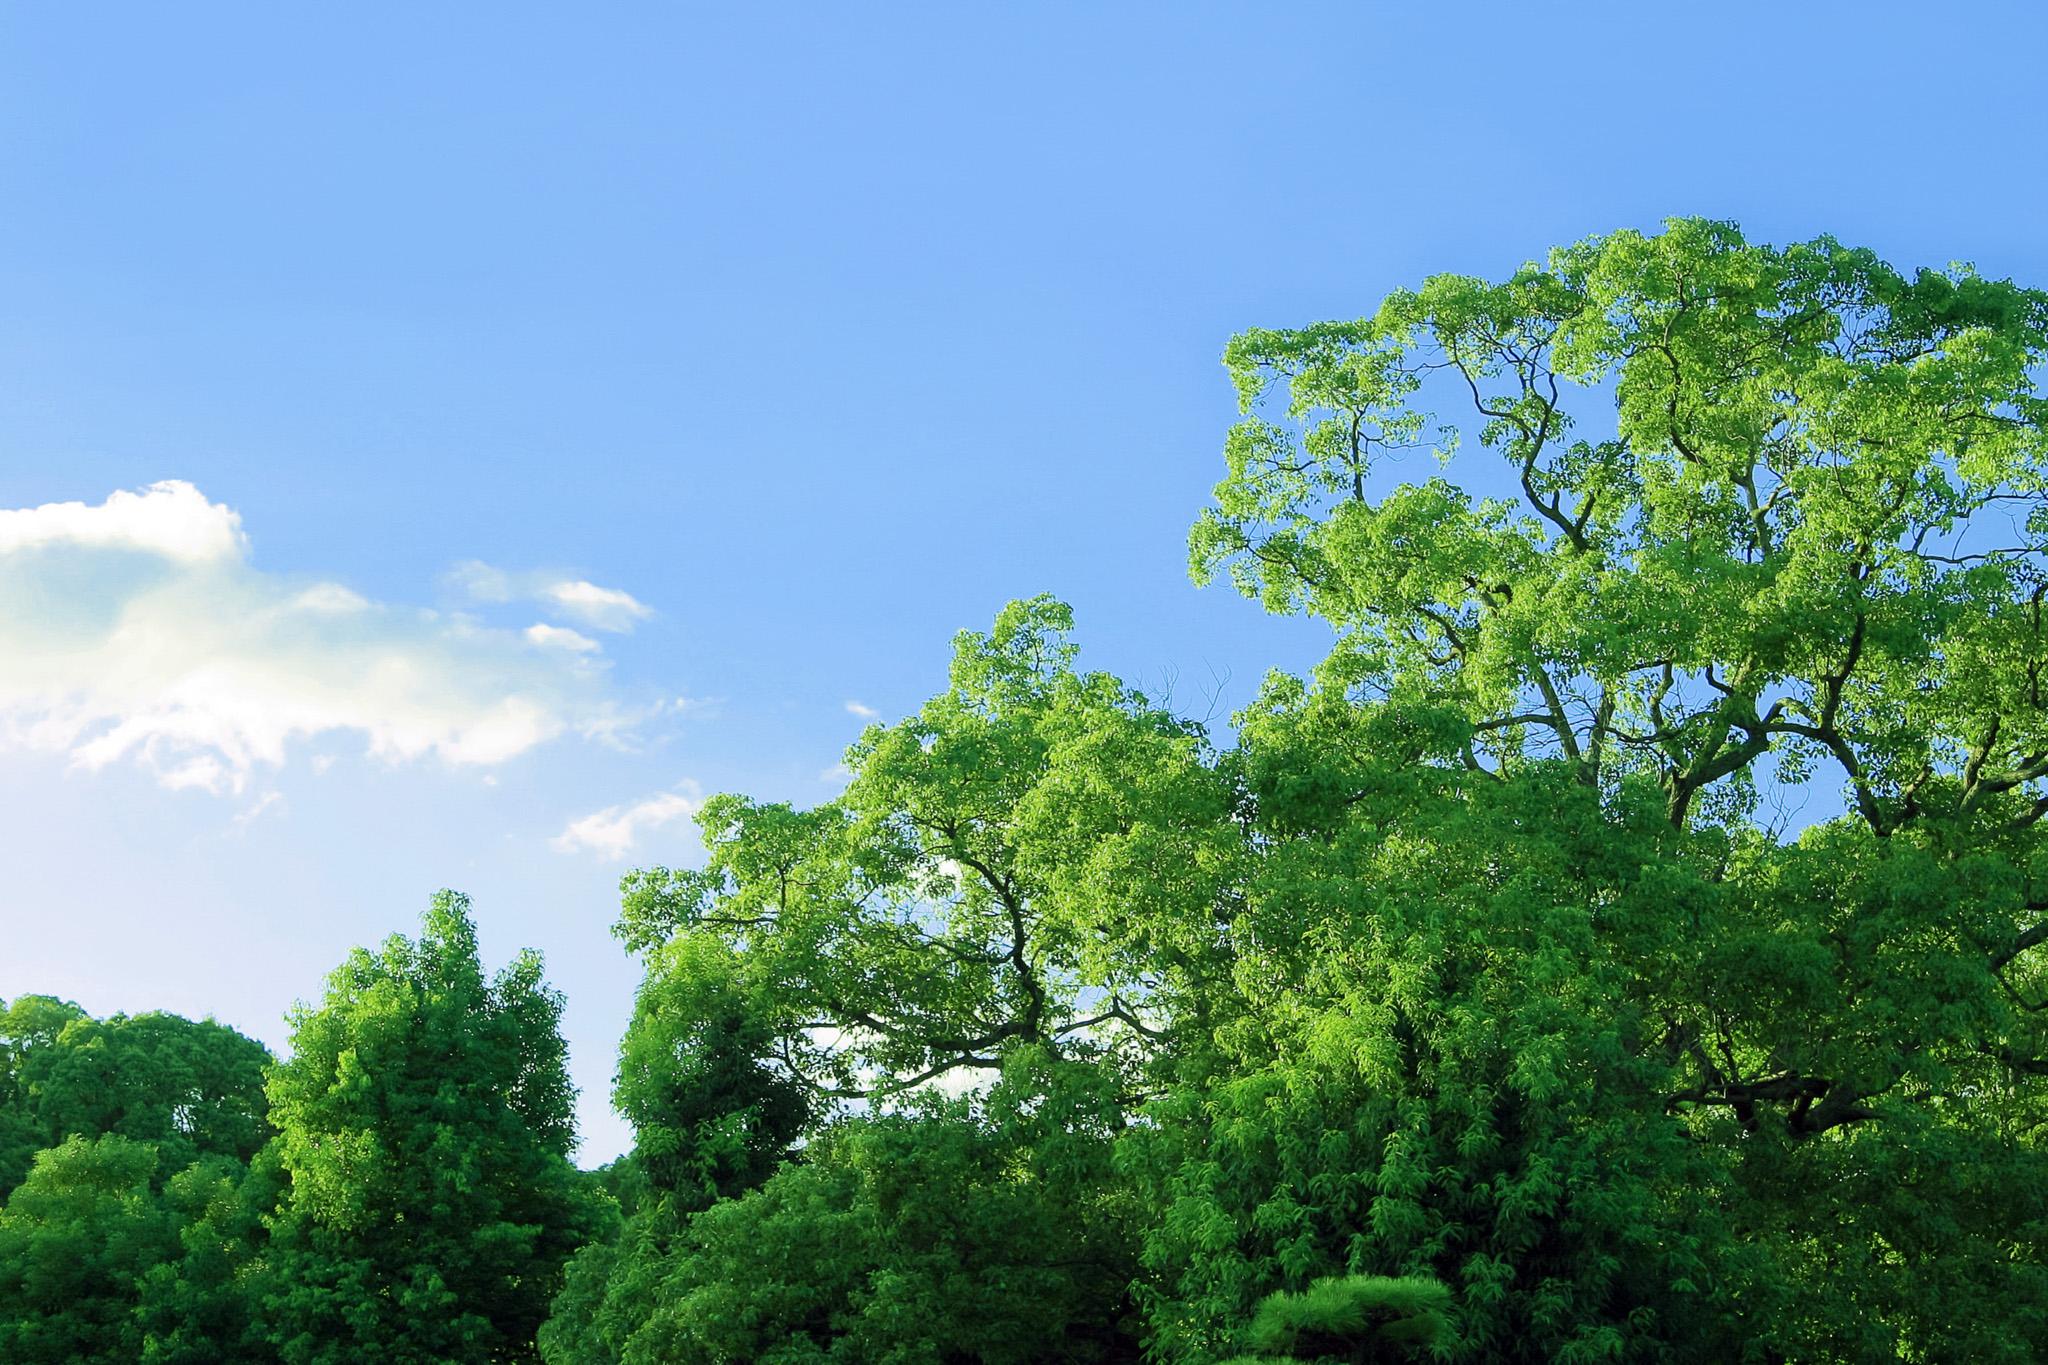 朝の光を受ける緑の木立